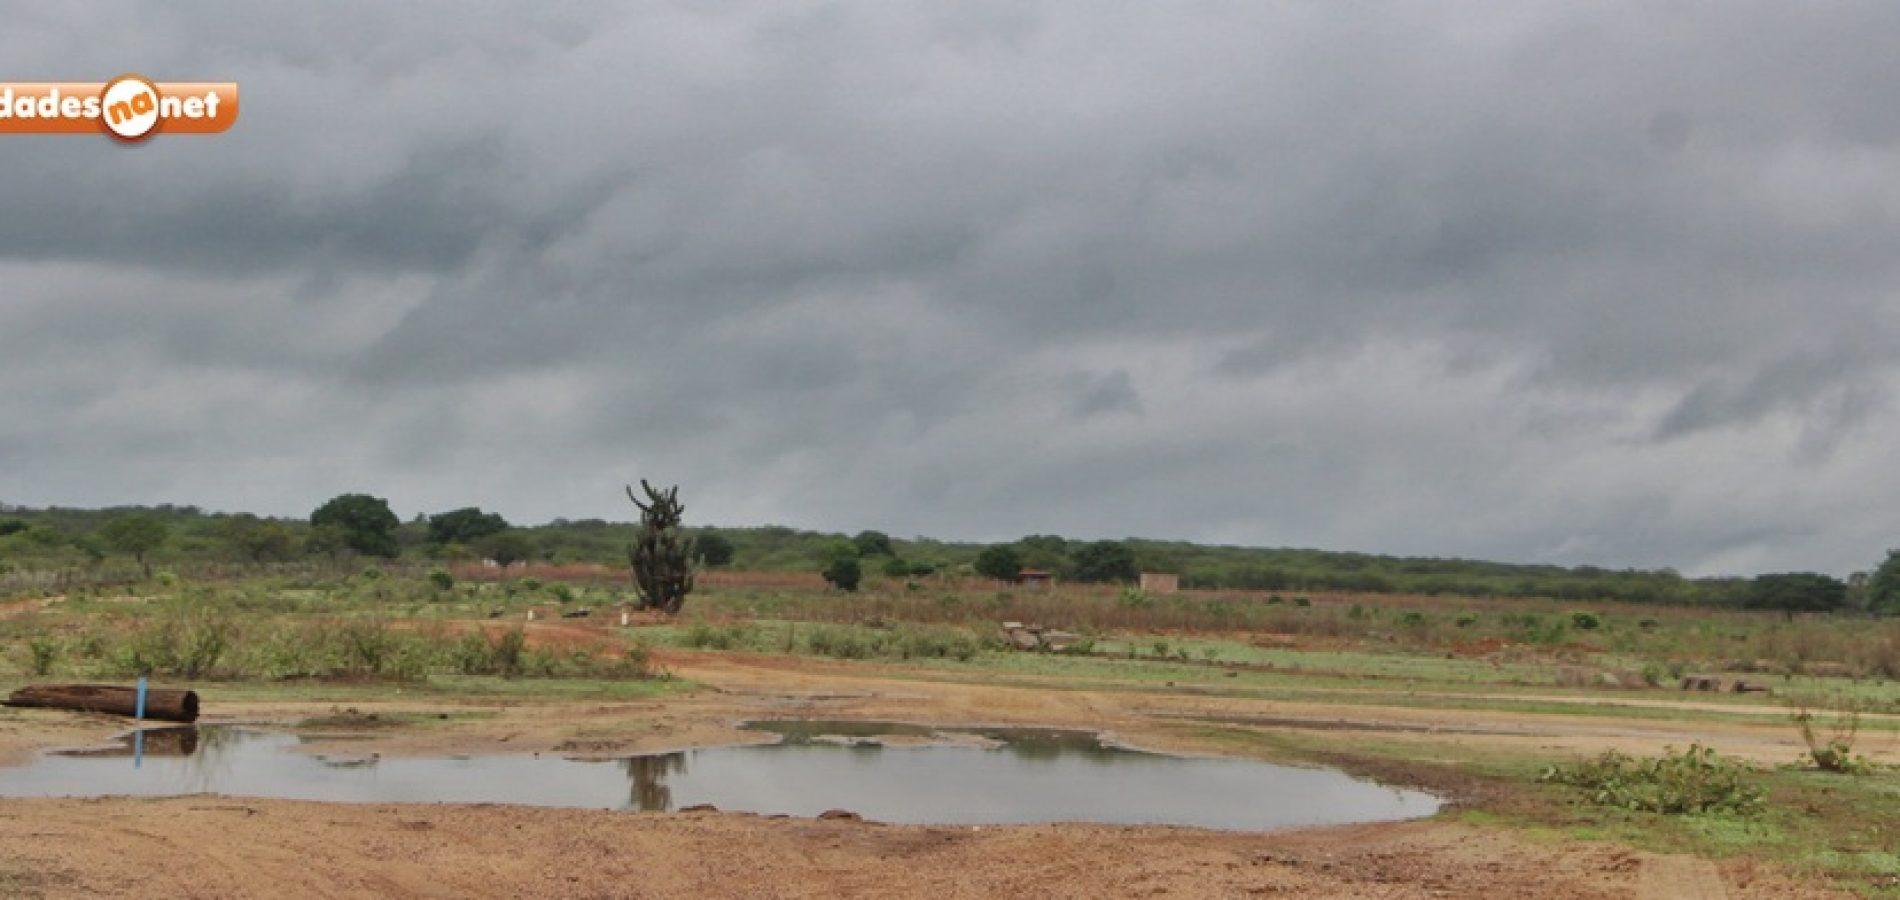 Previsão aponta chuva forte em parte do Nordeste e centro-norte do Piauí tem alerta de temporais